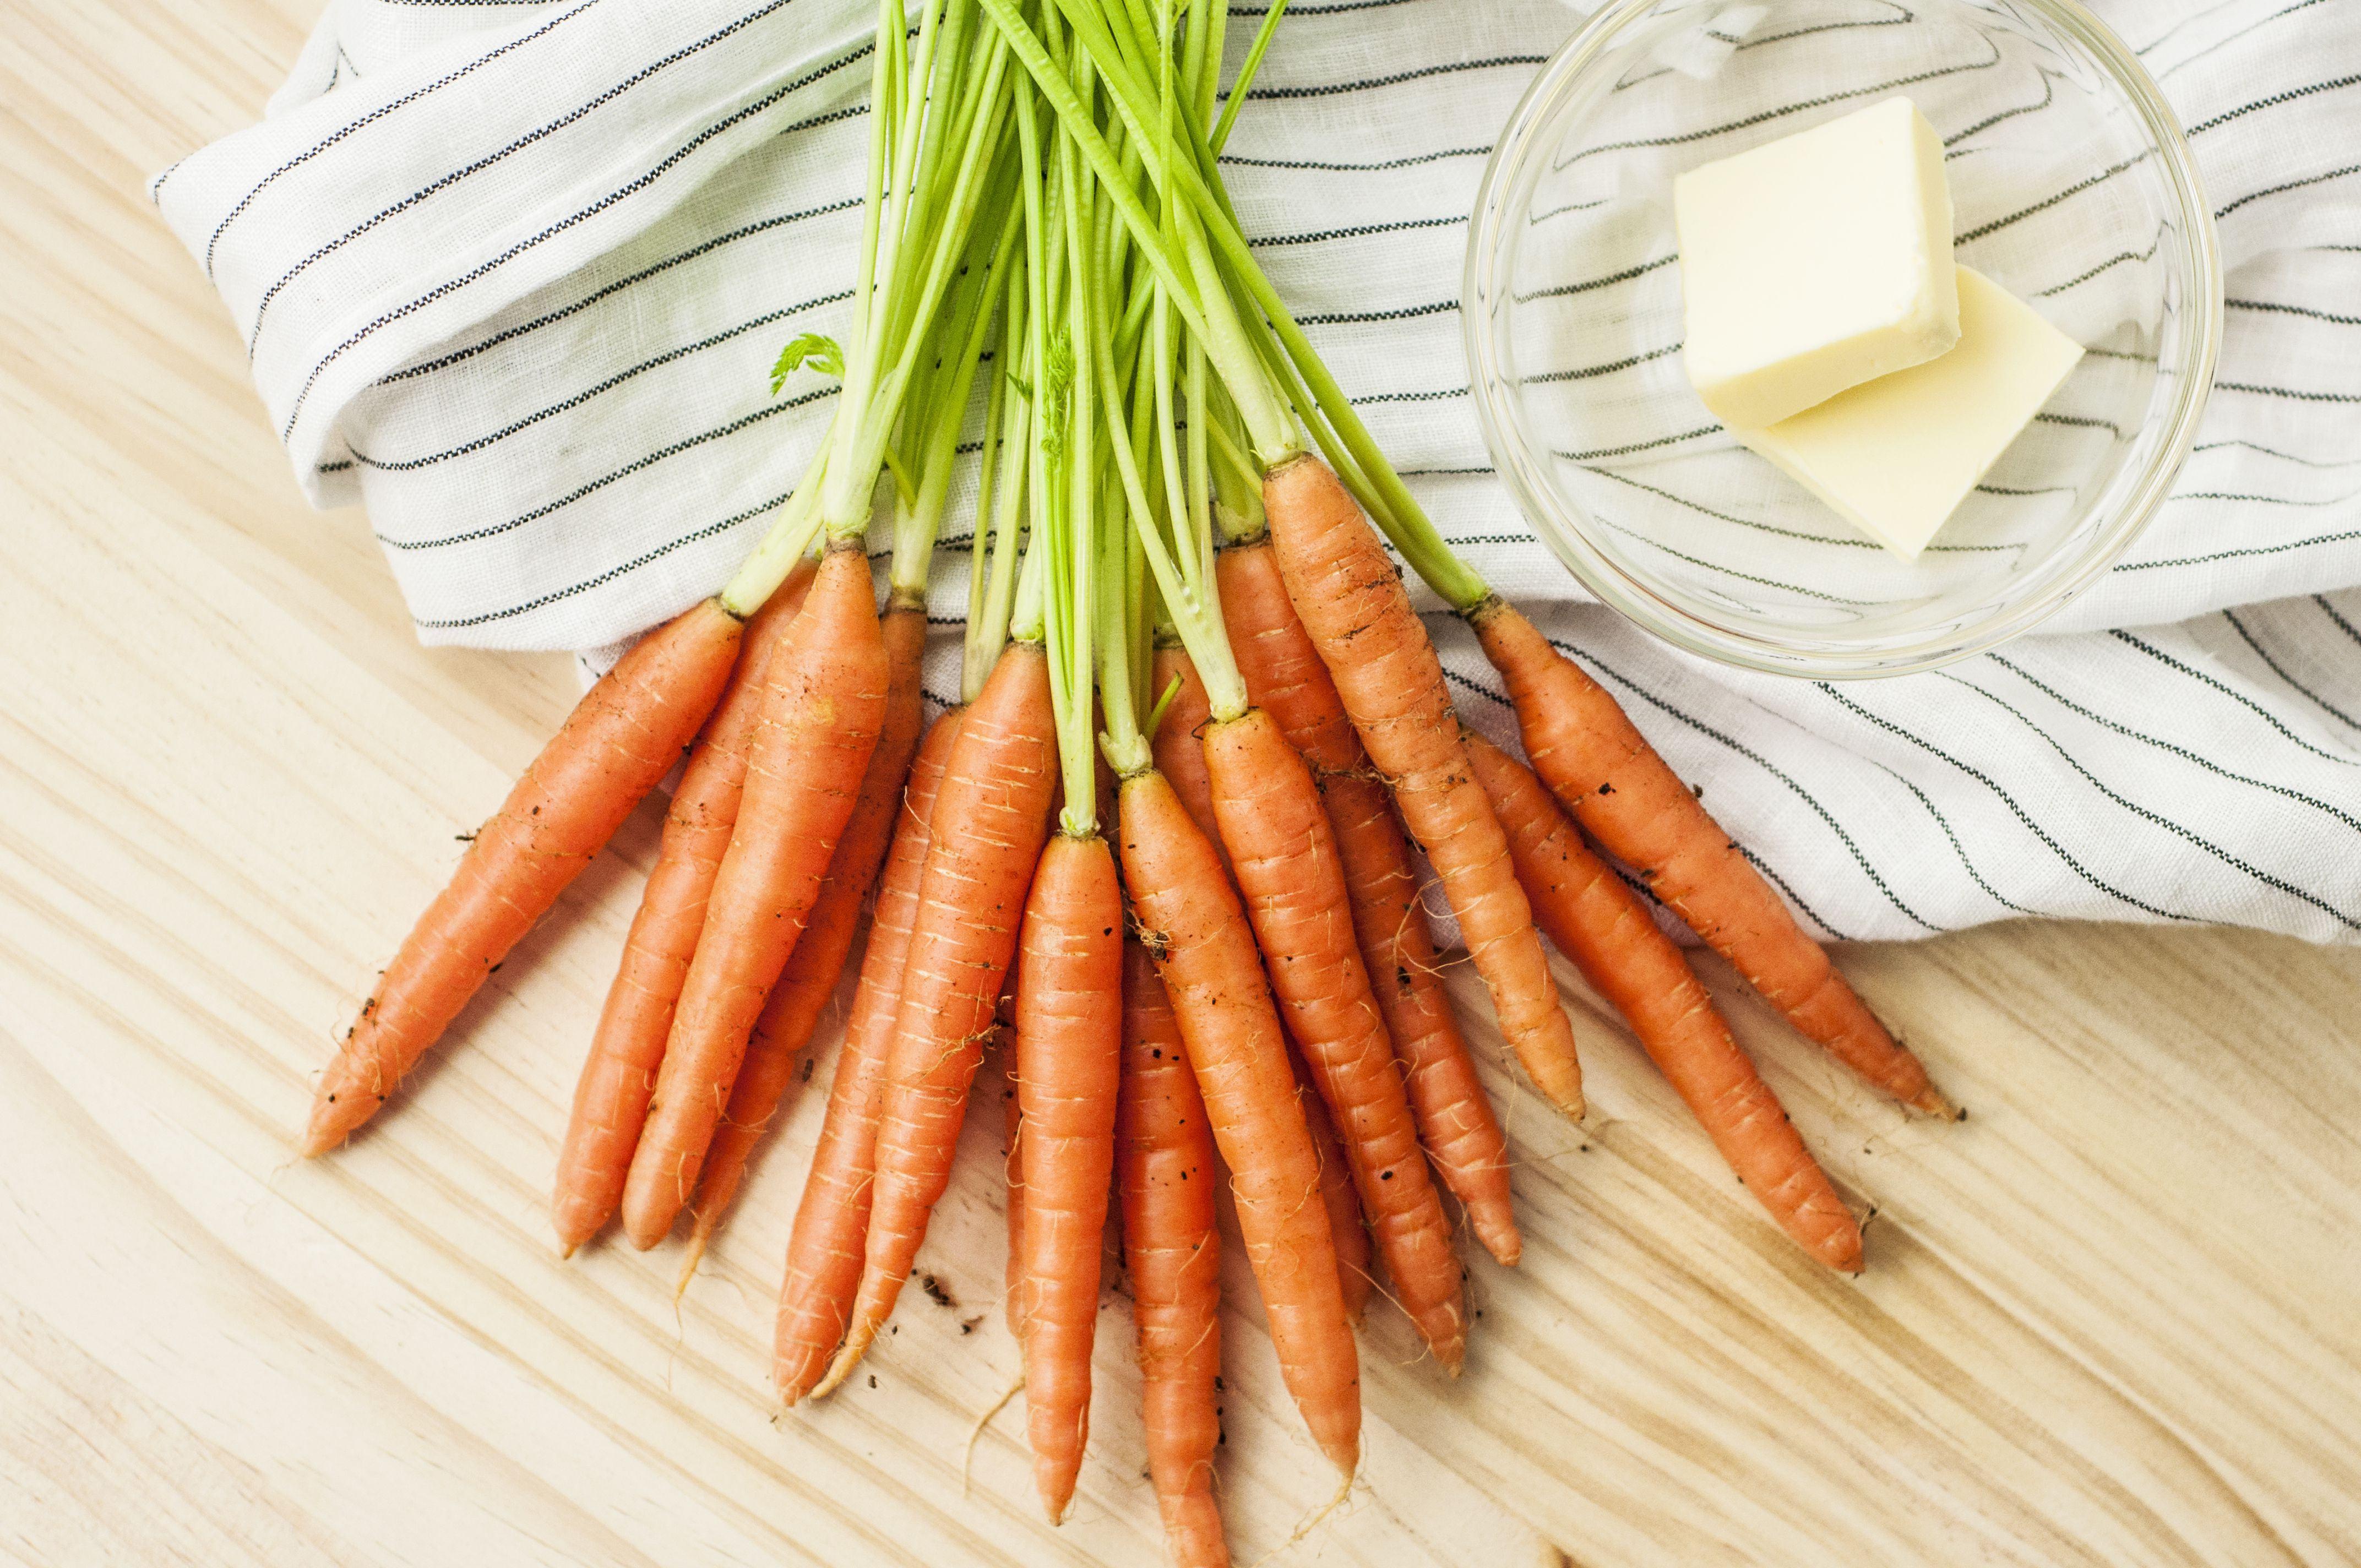 Cà rốt có thể bảo vệ tế bào gan khỏi nhiễm độc